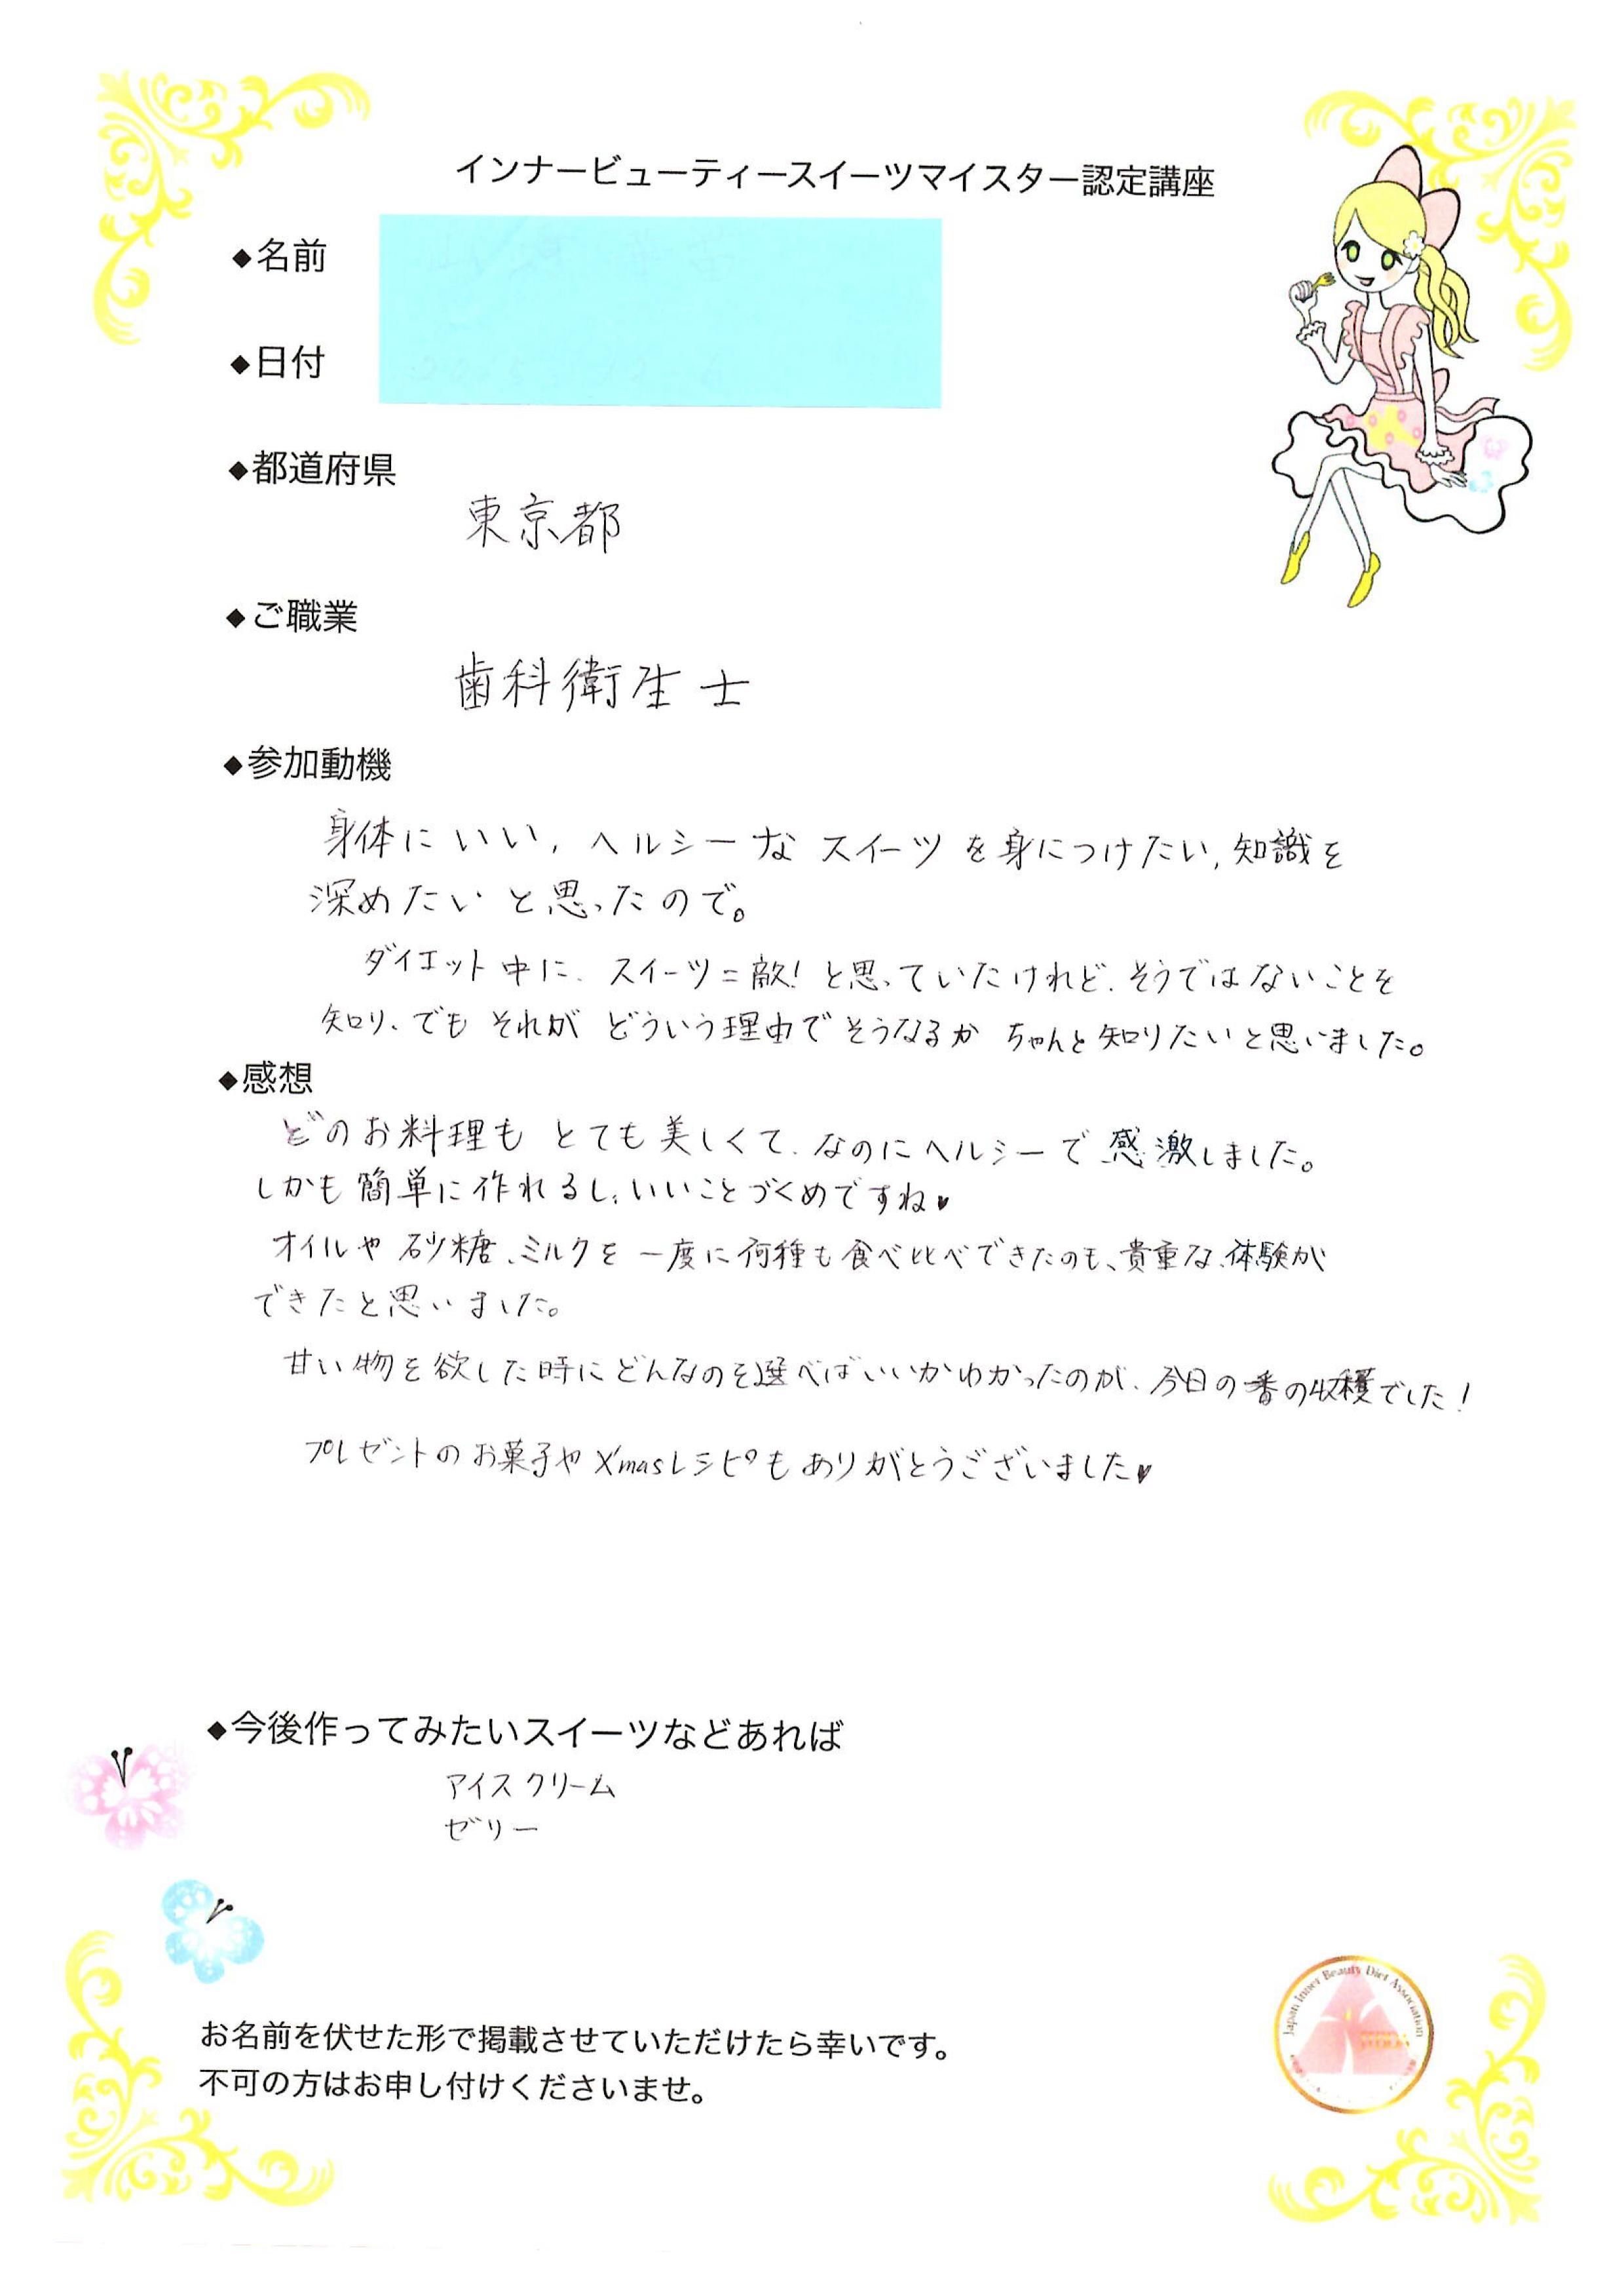 20151206-ibsm4_01